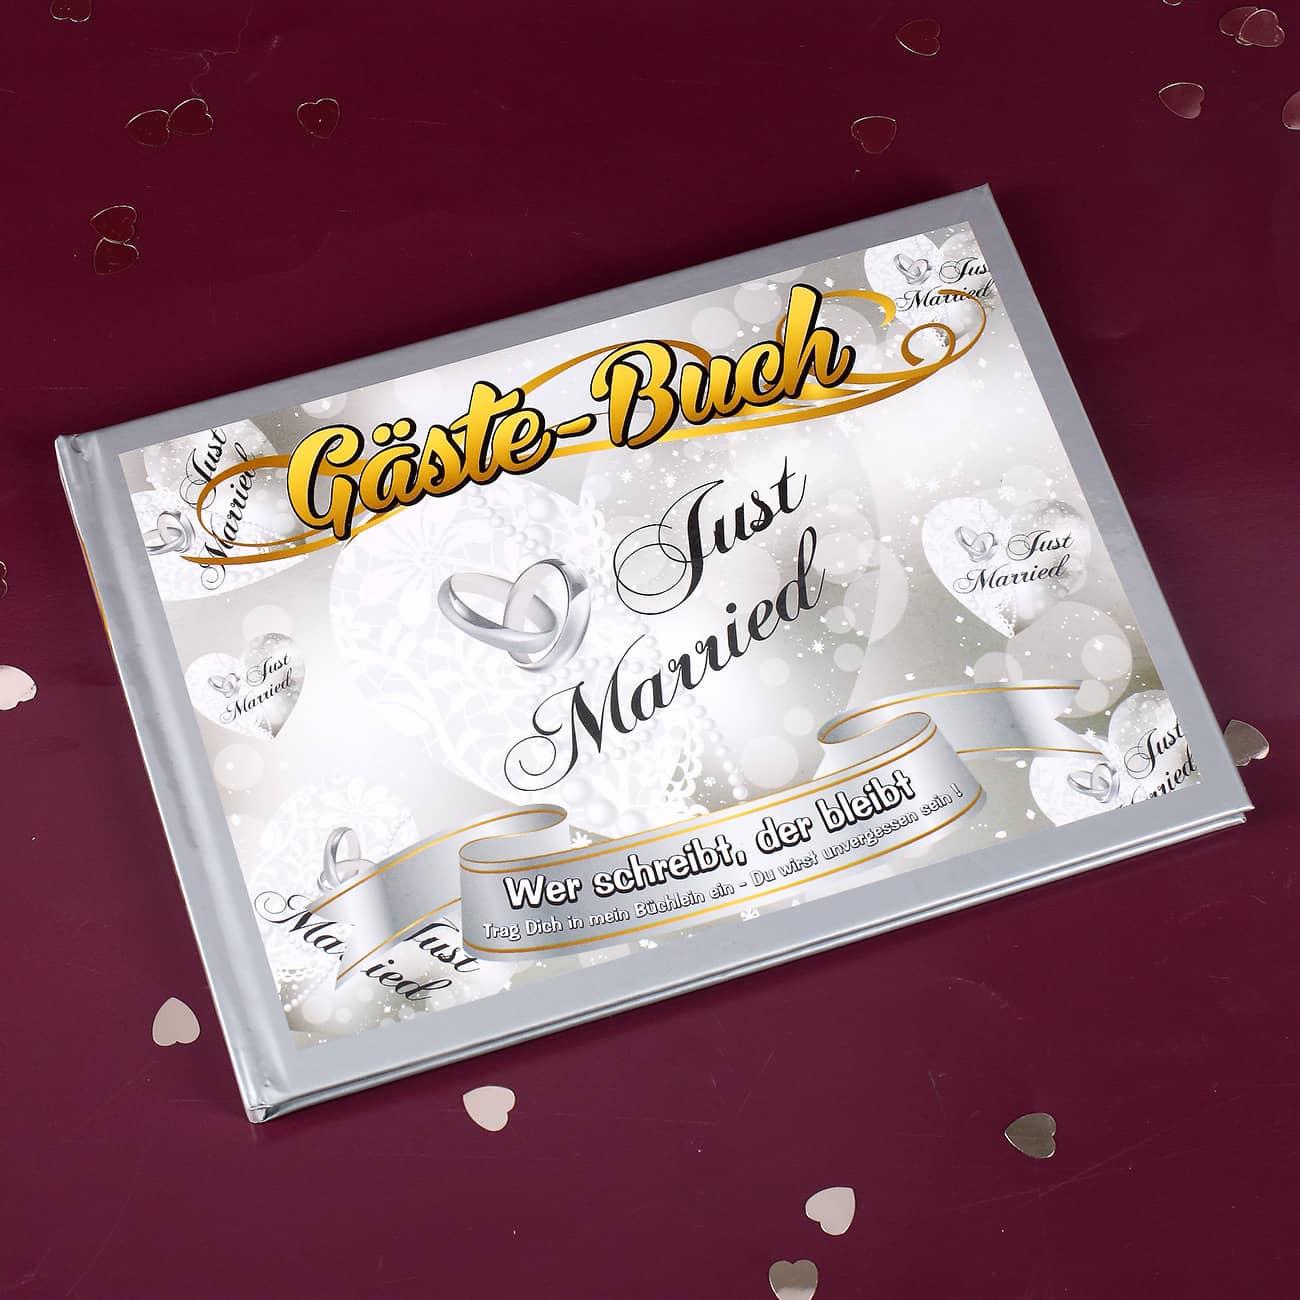 Gäste-Buch Zur Hochzeit